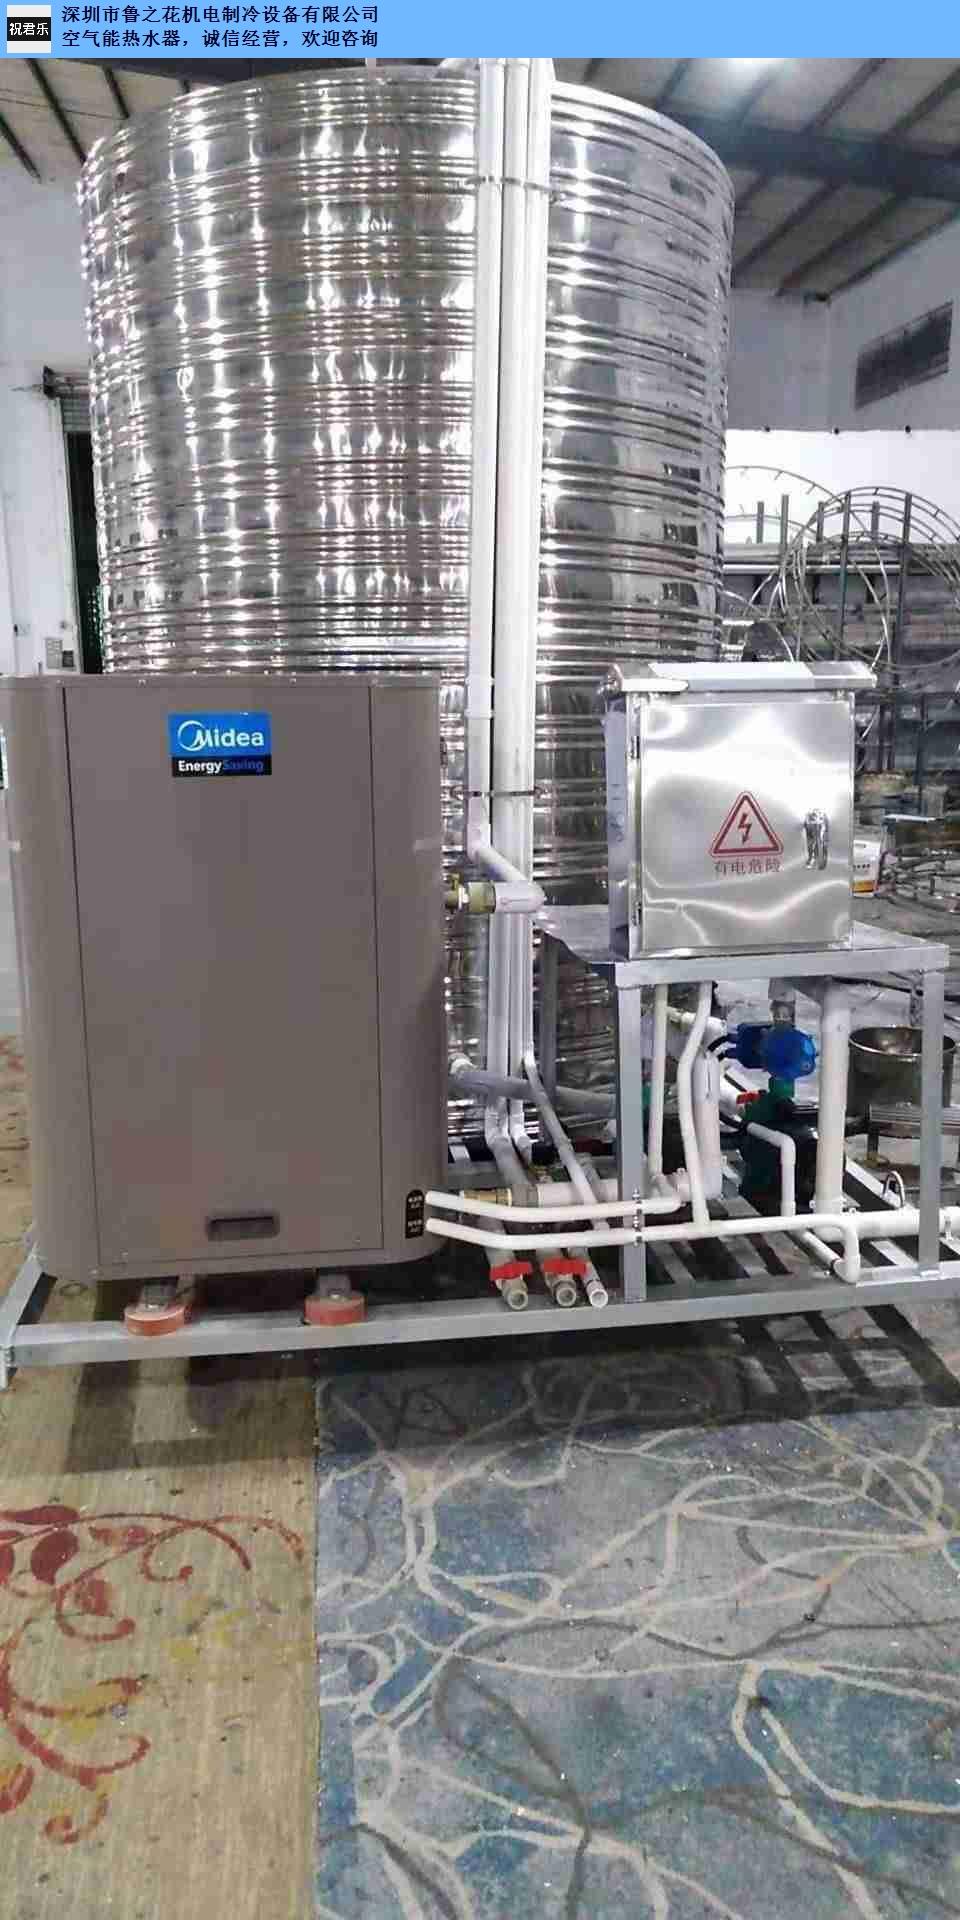 广州官方空气能热水器价格「鲁之花机电制冷设备供应」